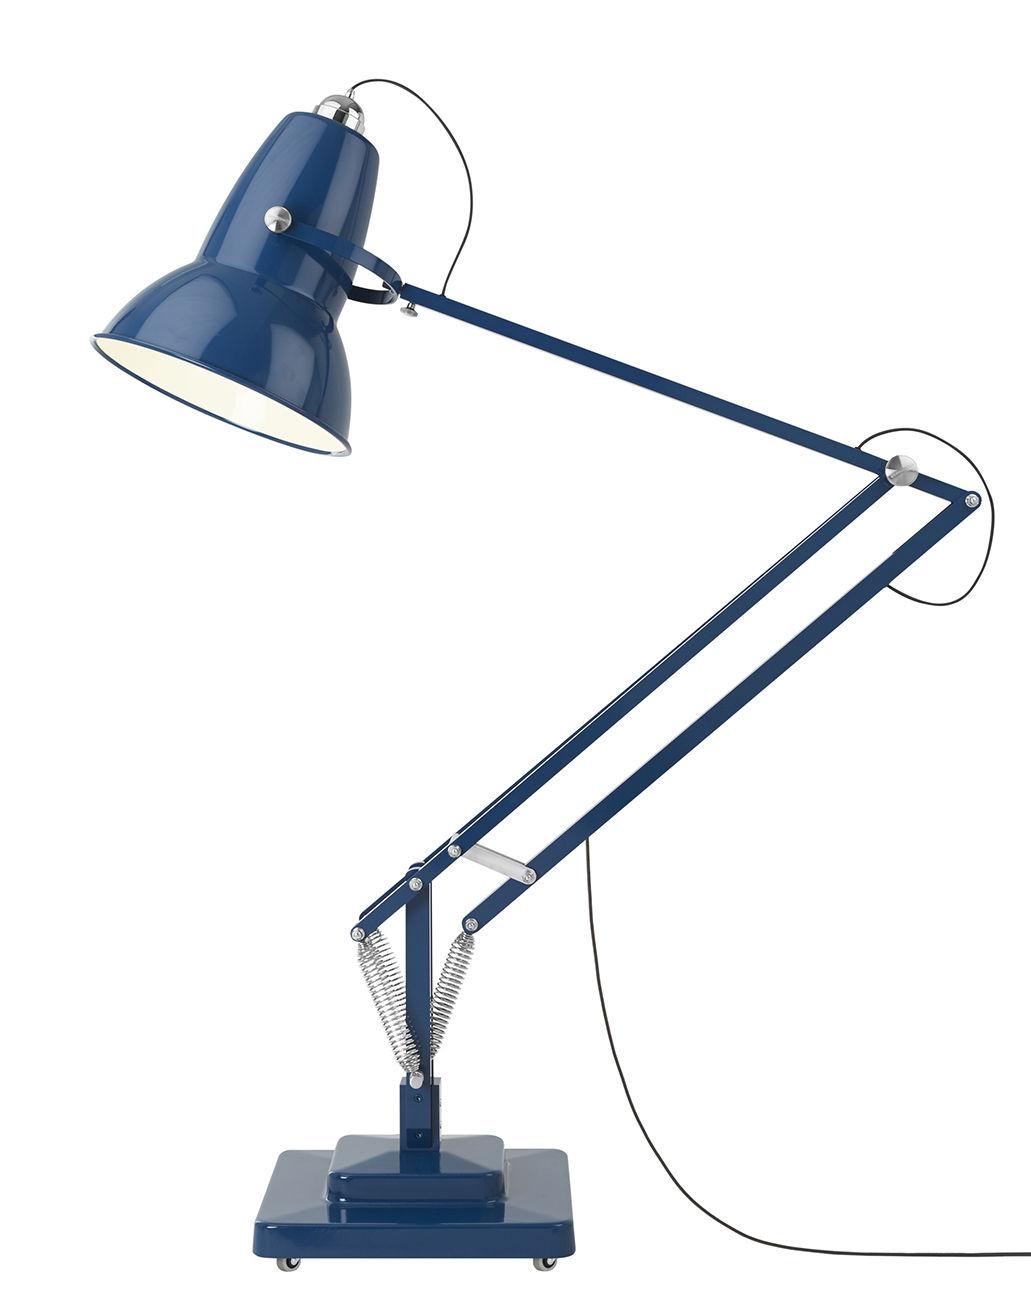 Leuchten - Stehleuchten - Original 1227 Giant Outdoor Stehleuchte / H 270 cm - Anglepoise - Marineblau - Aluminium, Gusseisen, Stahl